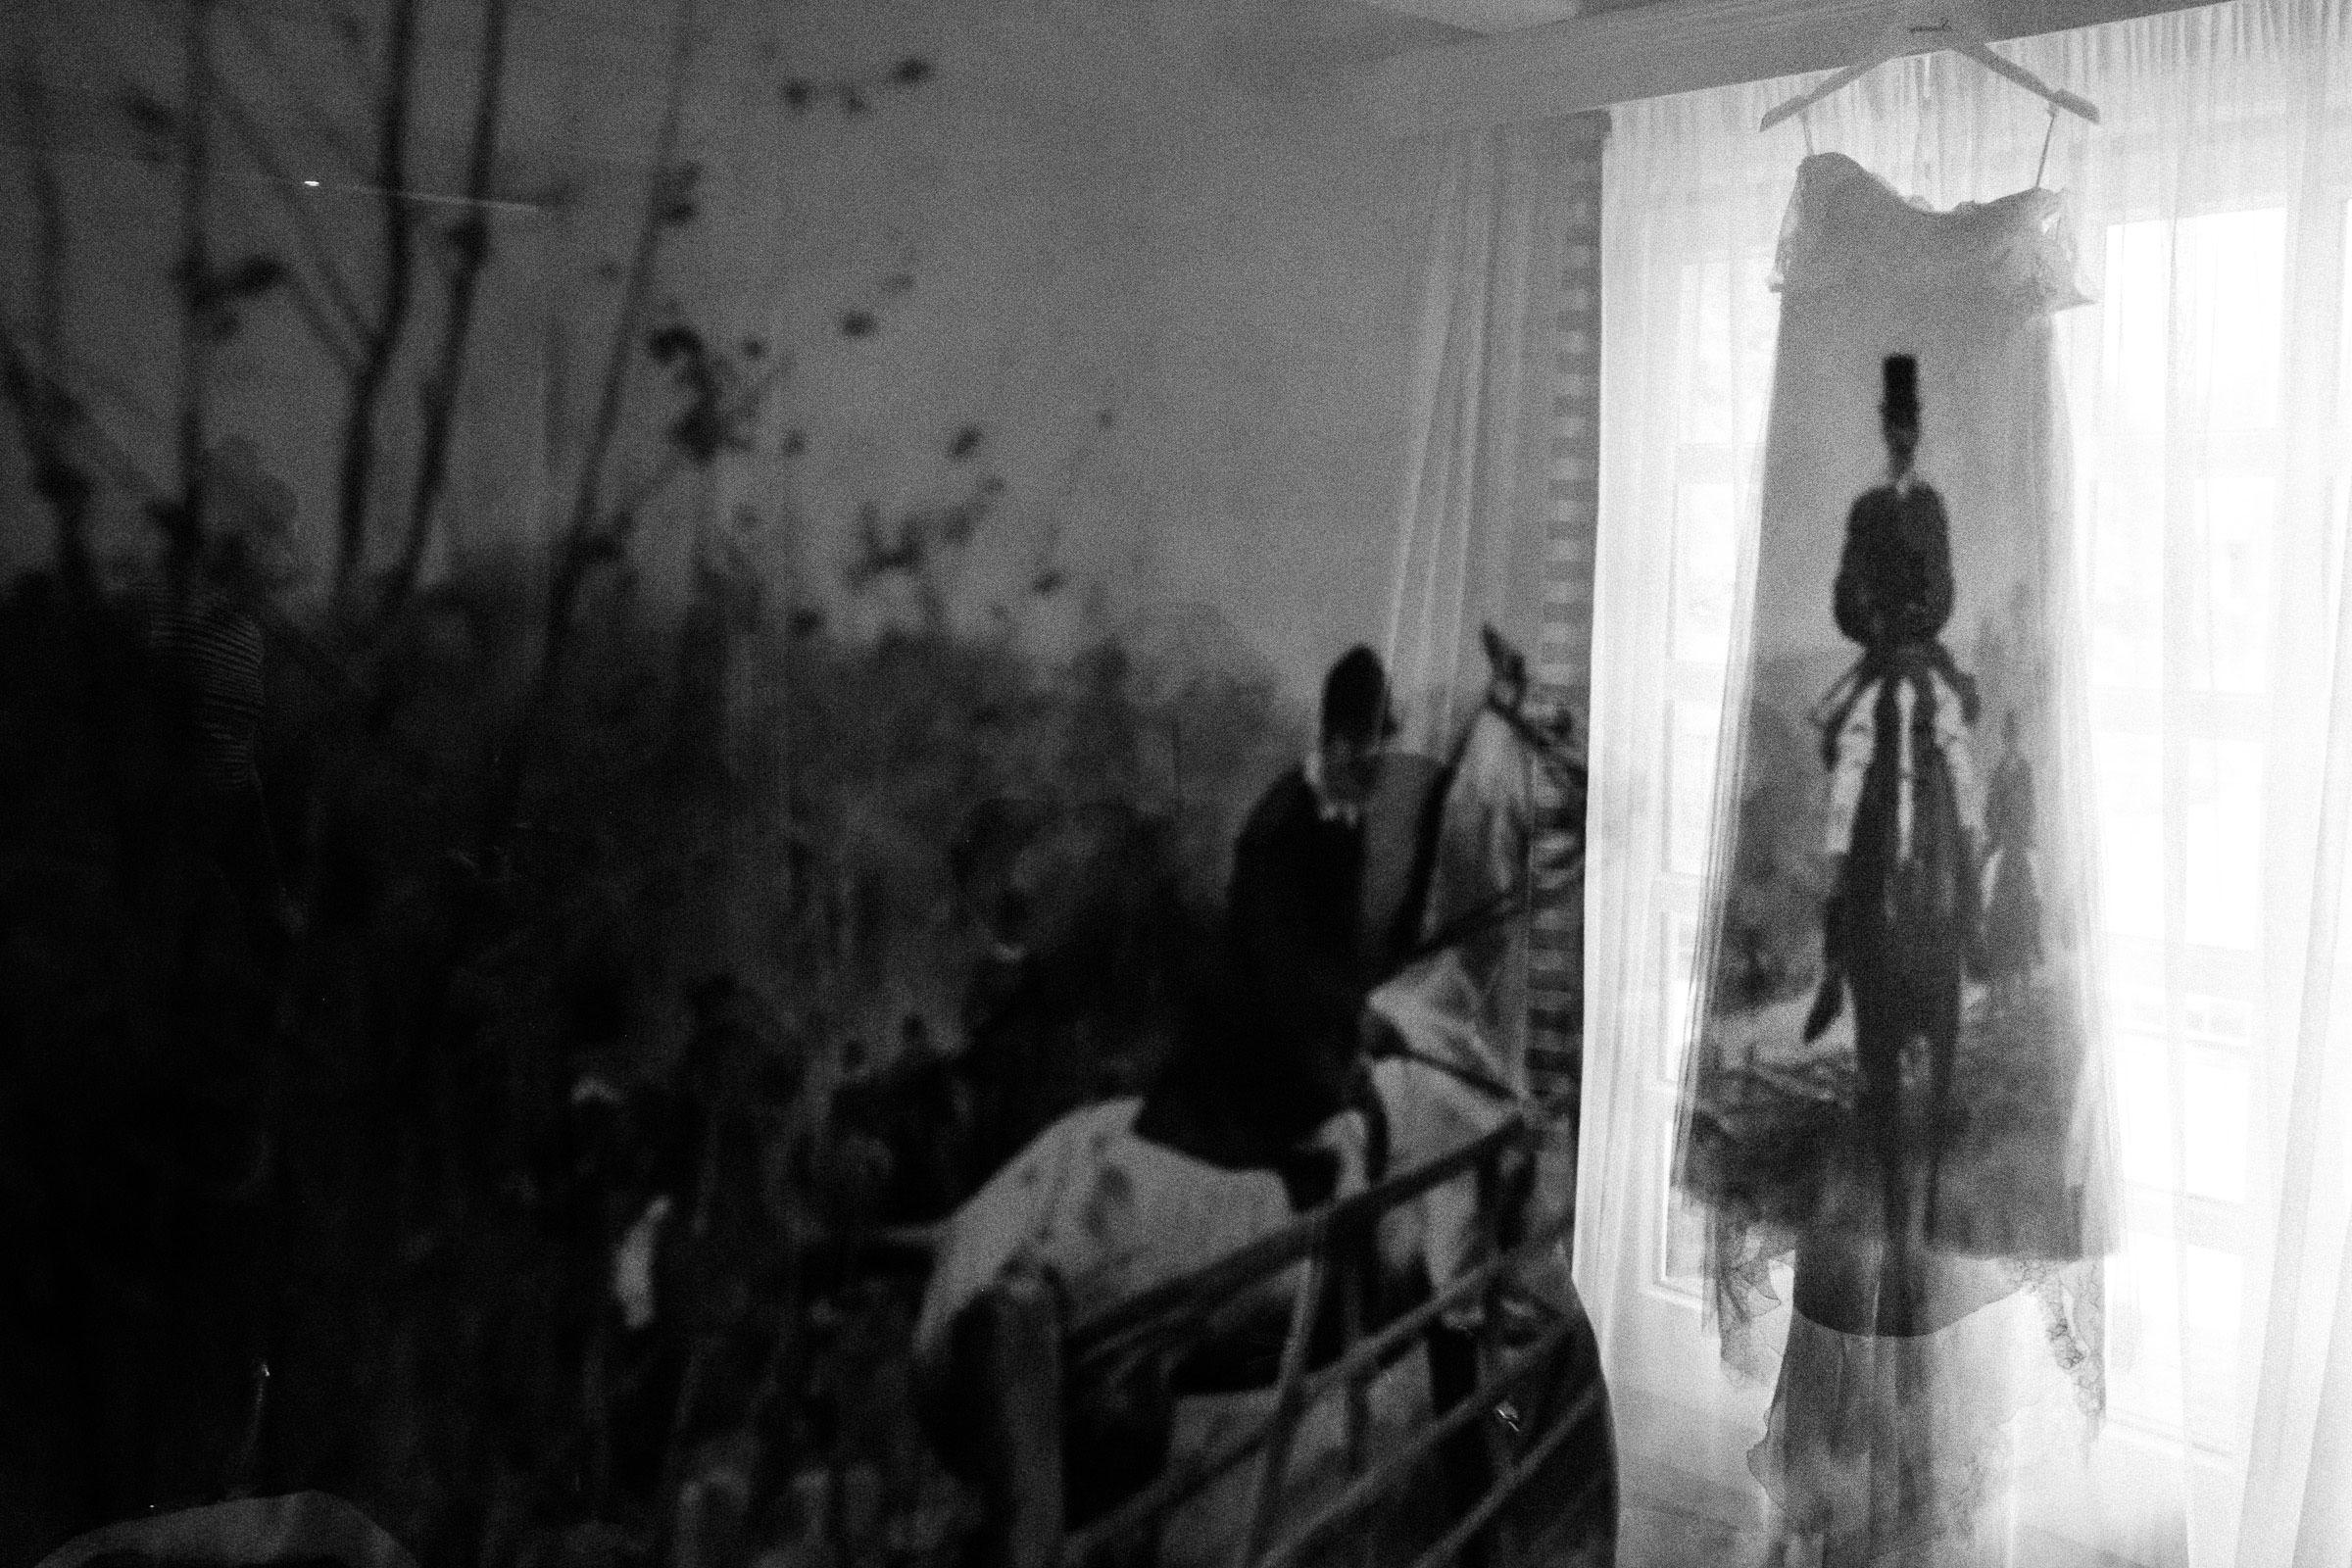 Hochzeitskleid hängt im Fenster des Burghotels Hardenberg